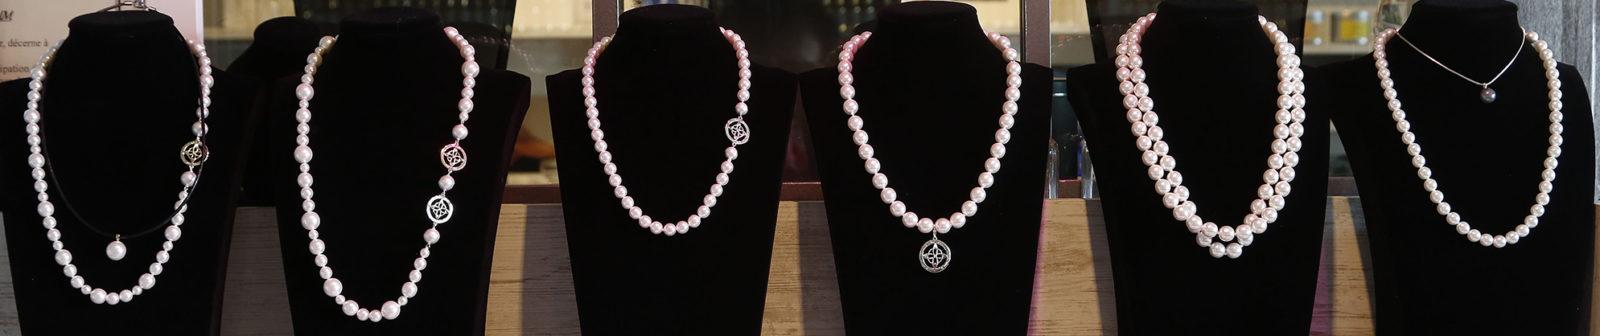 La variété des colliers de perles est infinieJean Loic Selo